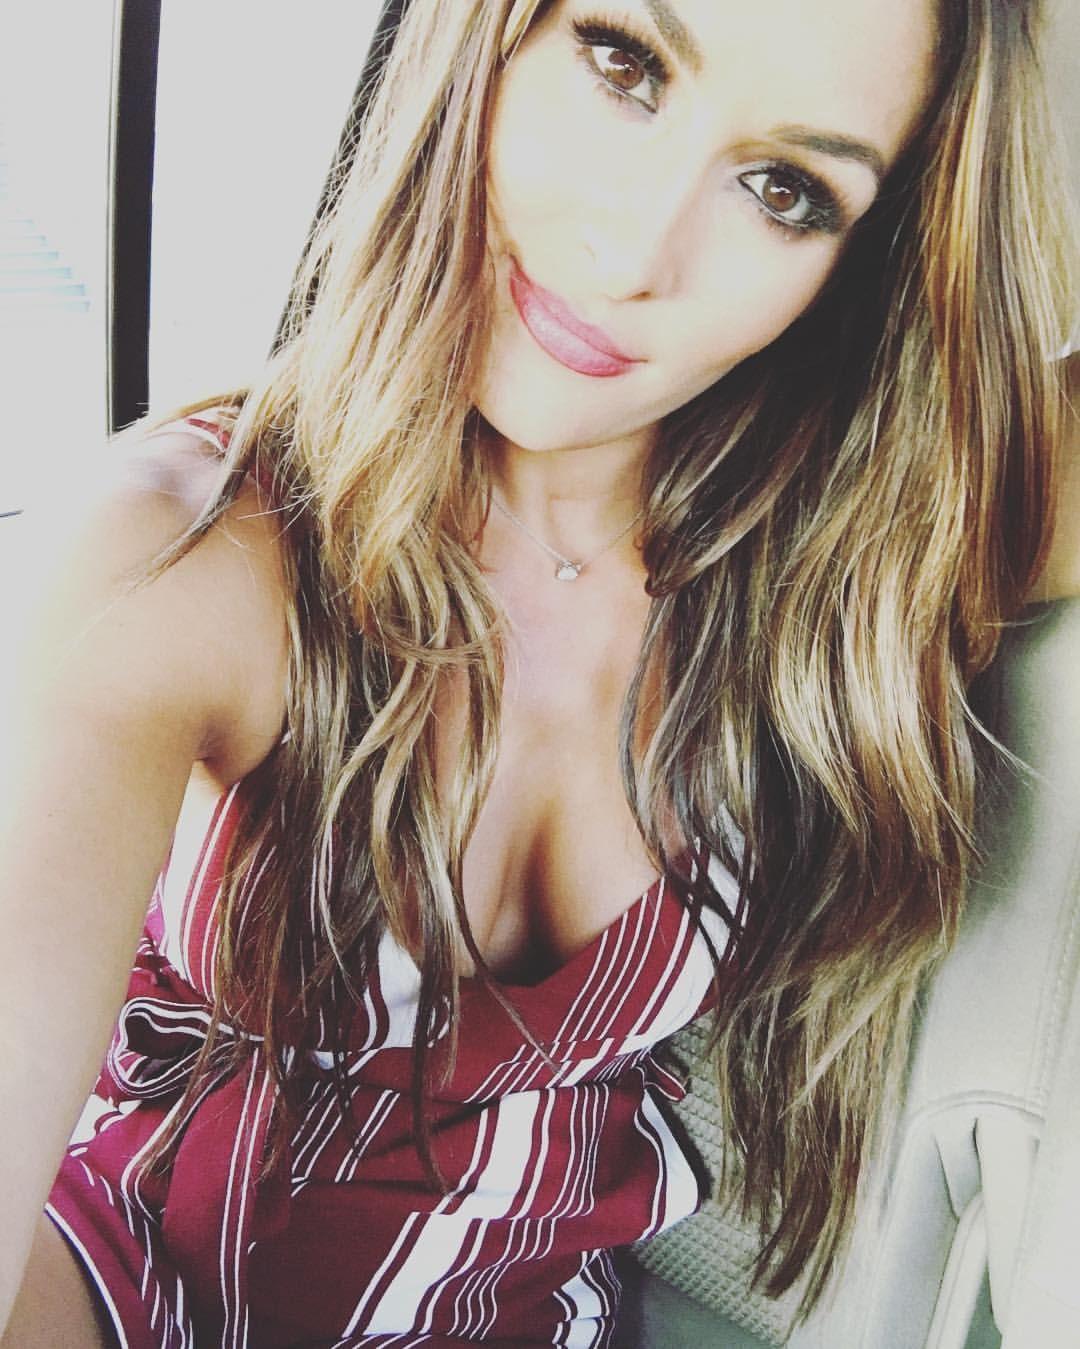 Nikki Bella Twitter